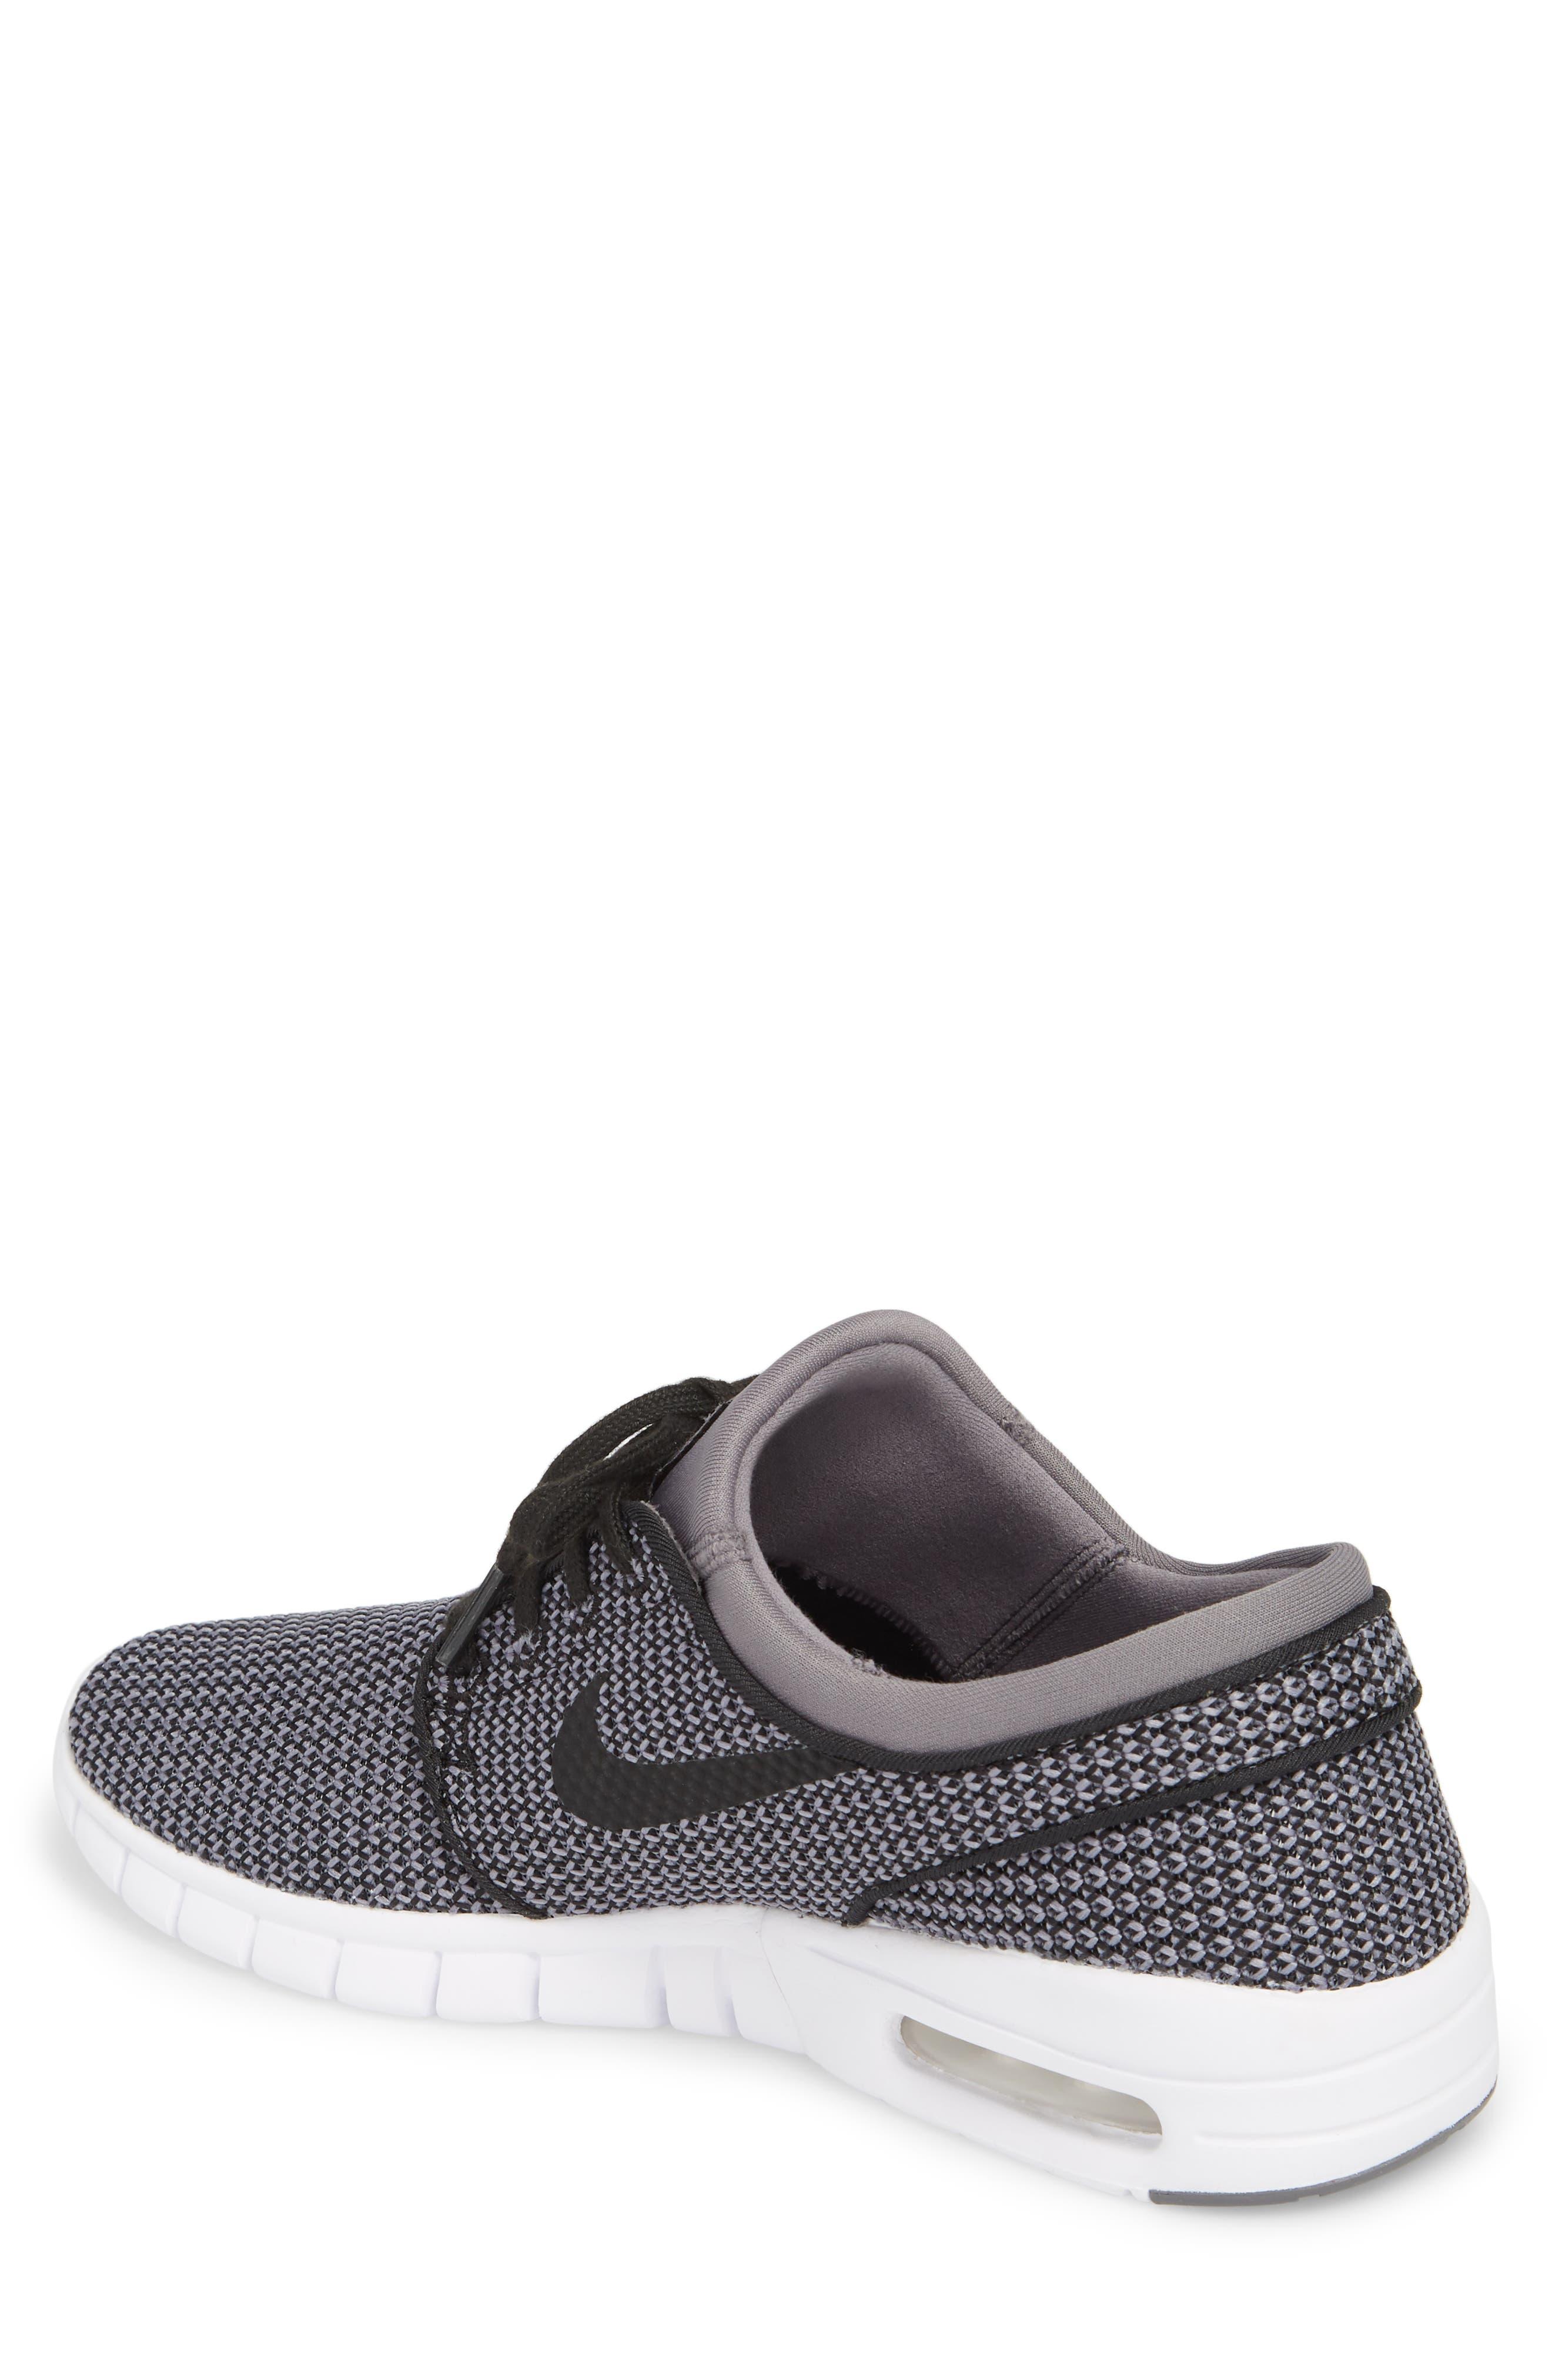 Men's Nike Blue Shoes Nordstrom